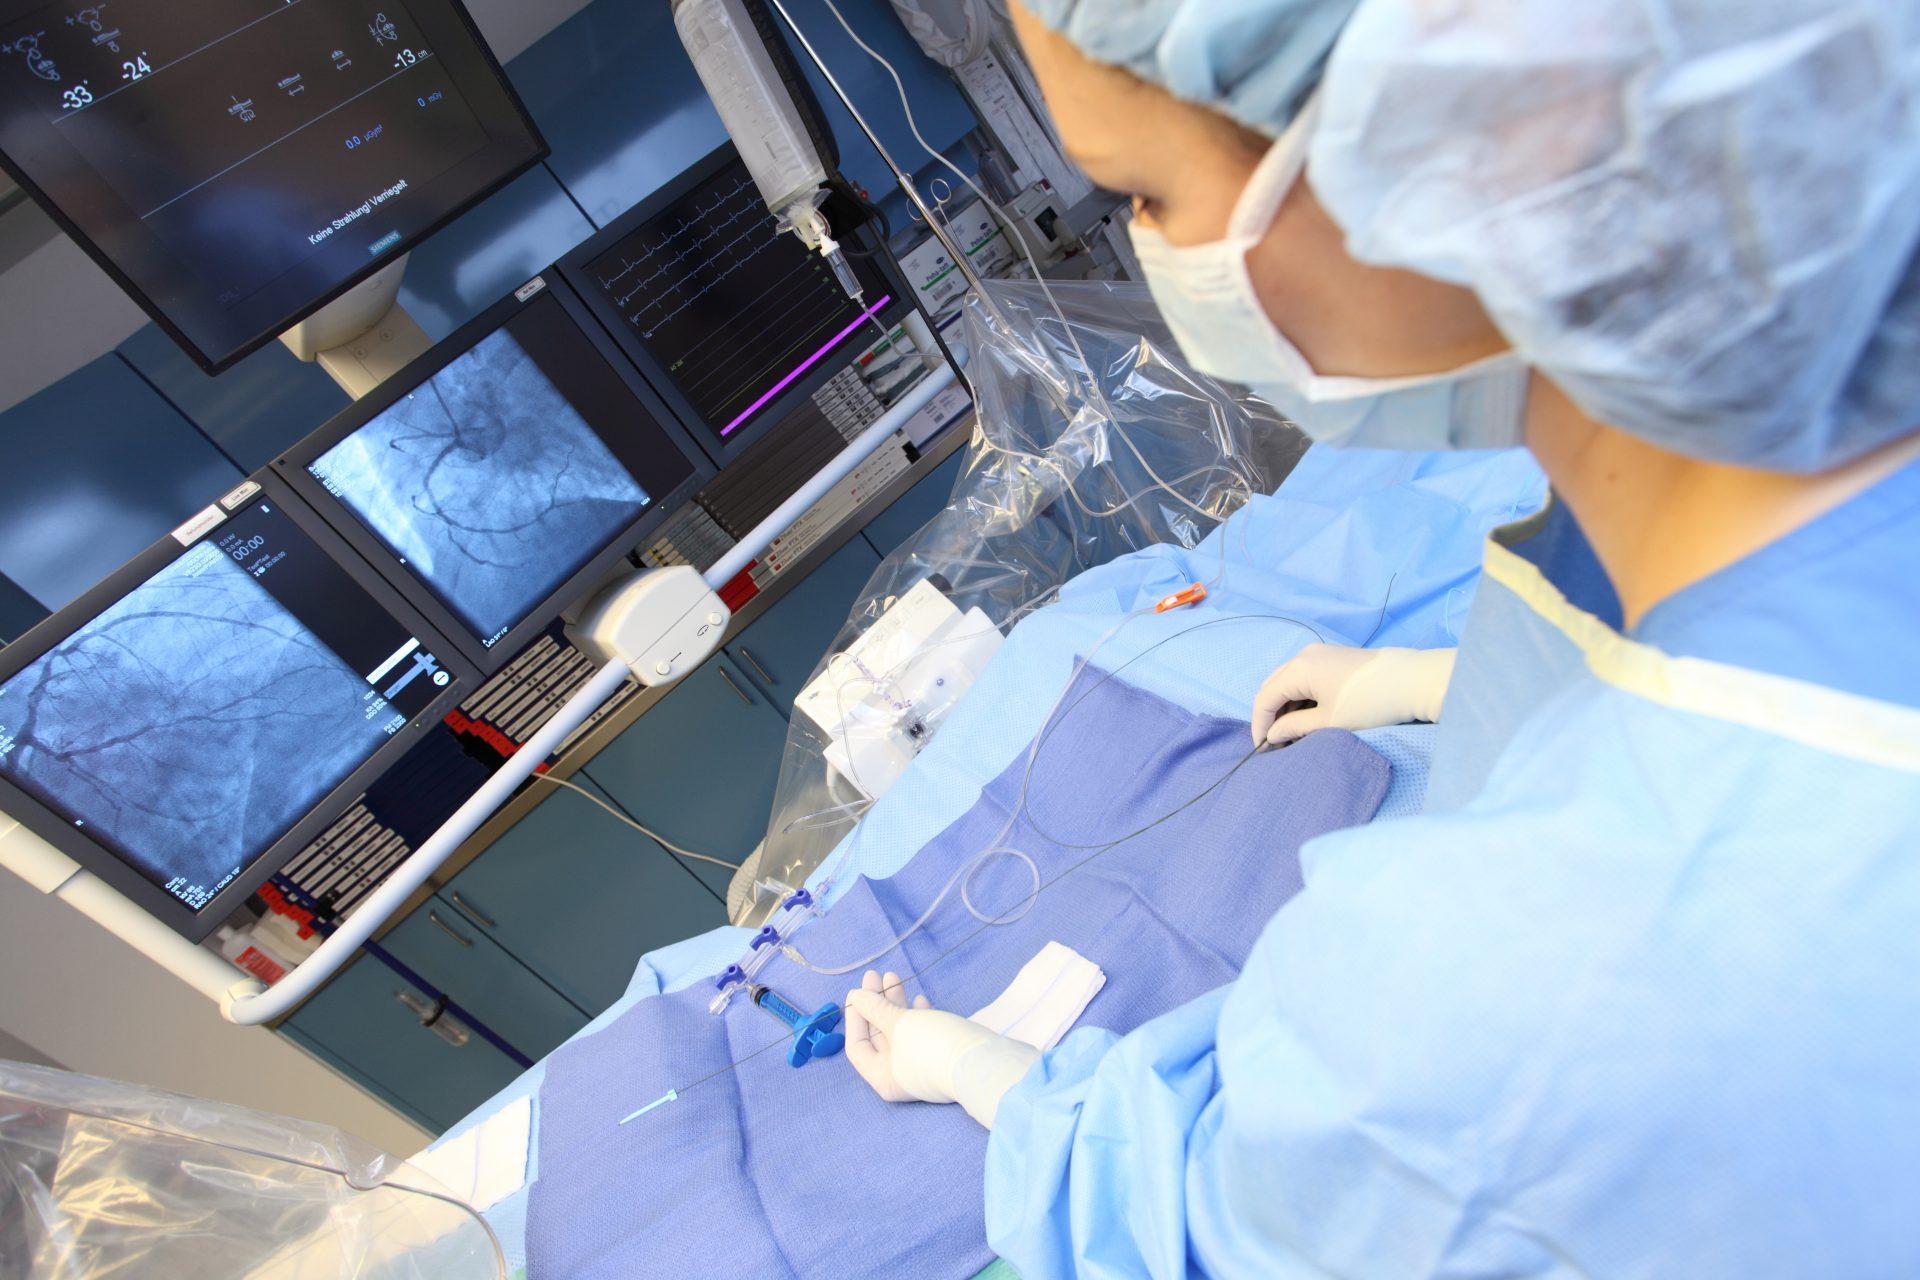 Cardiac catheter